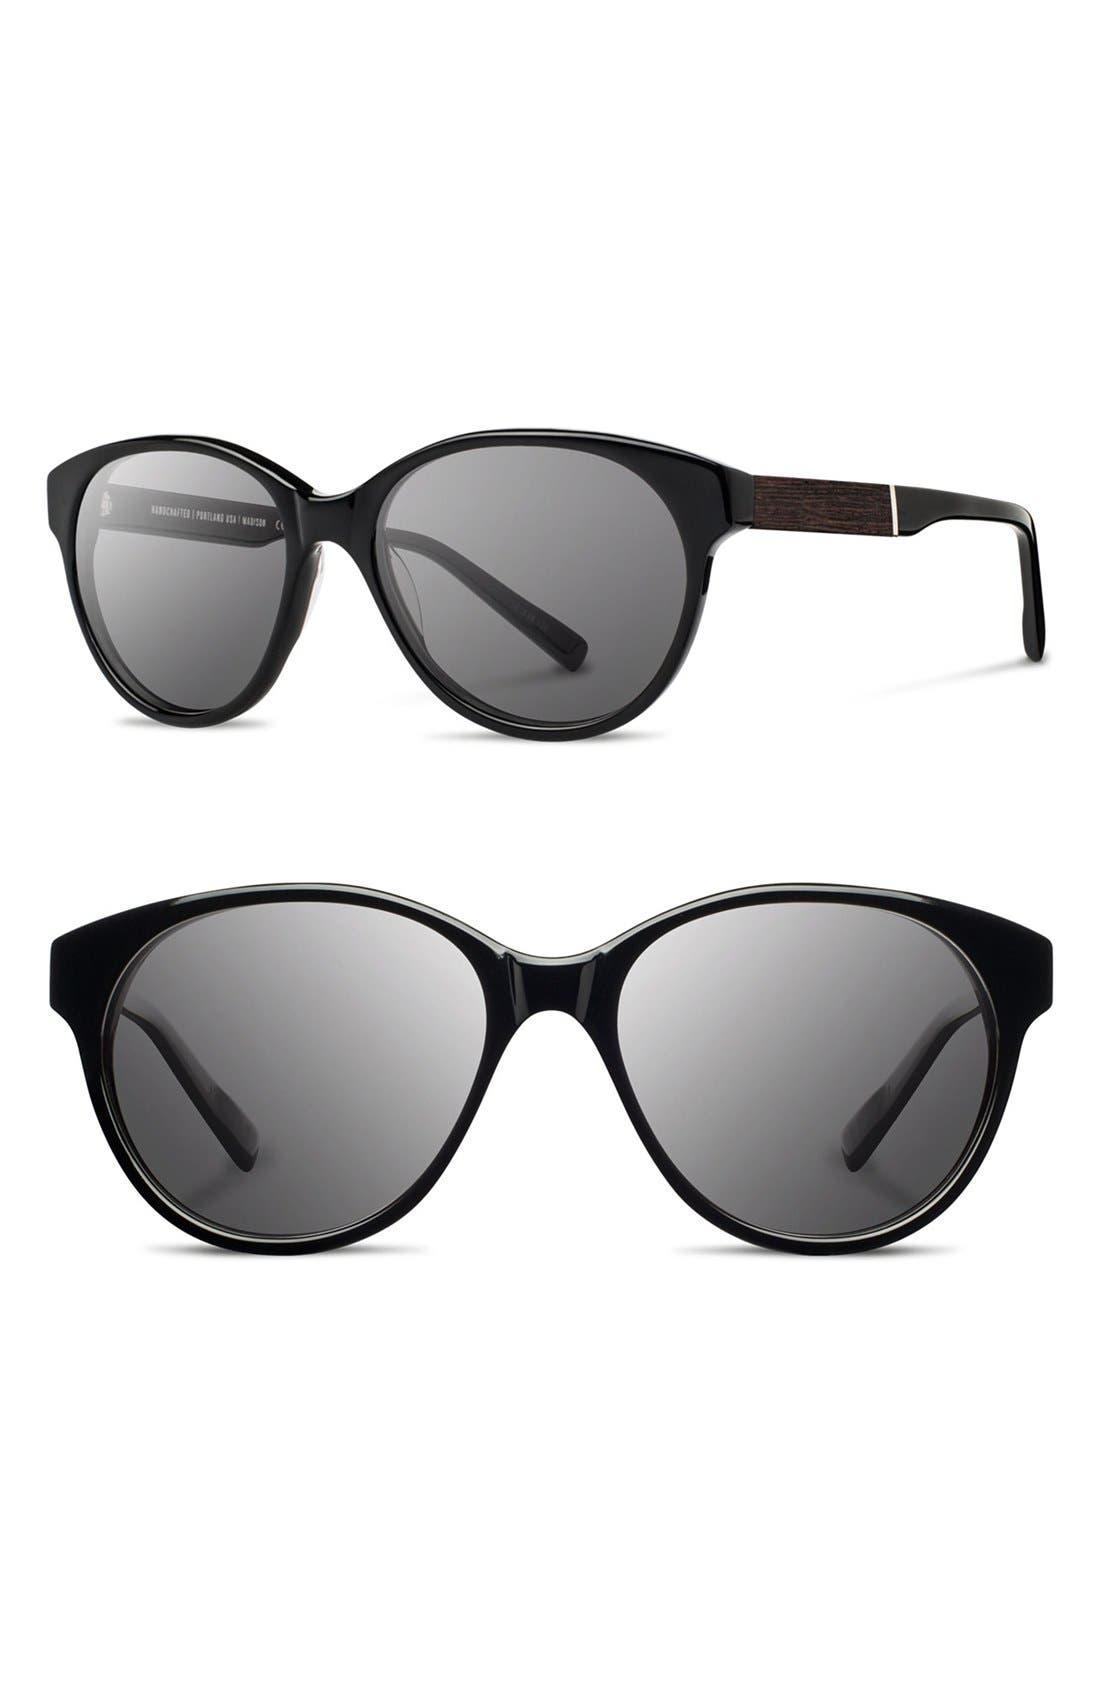 Alternate Image 1 Selected - Shwood 'Madison' 54mm Round Sunglasses